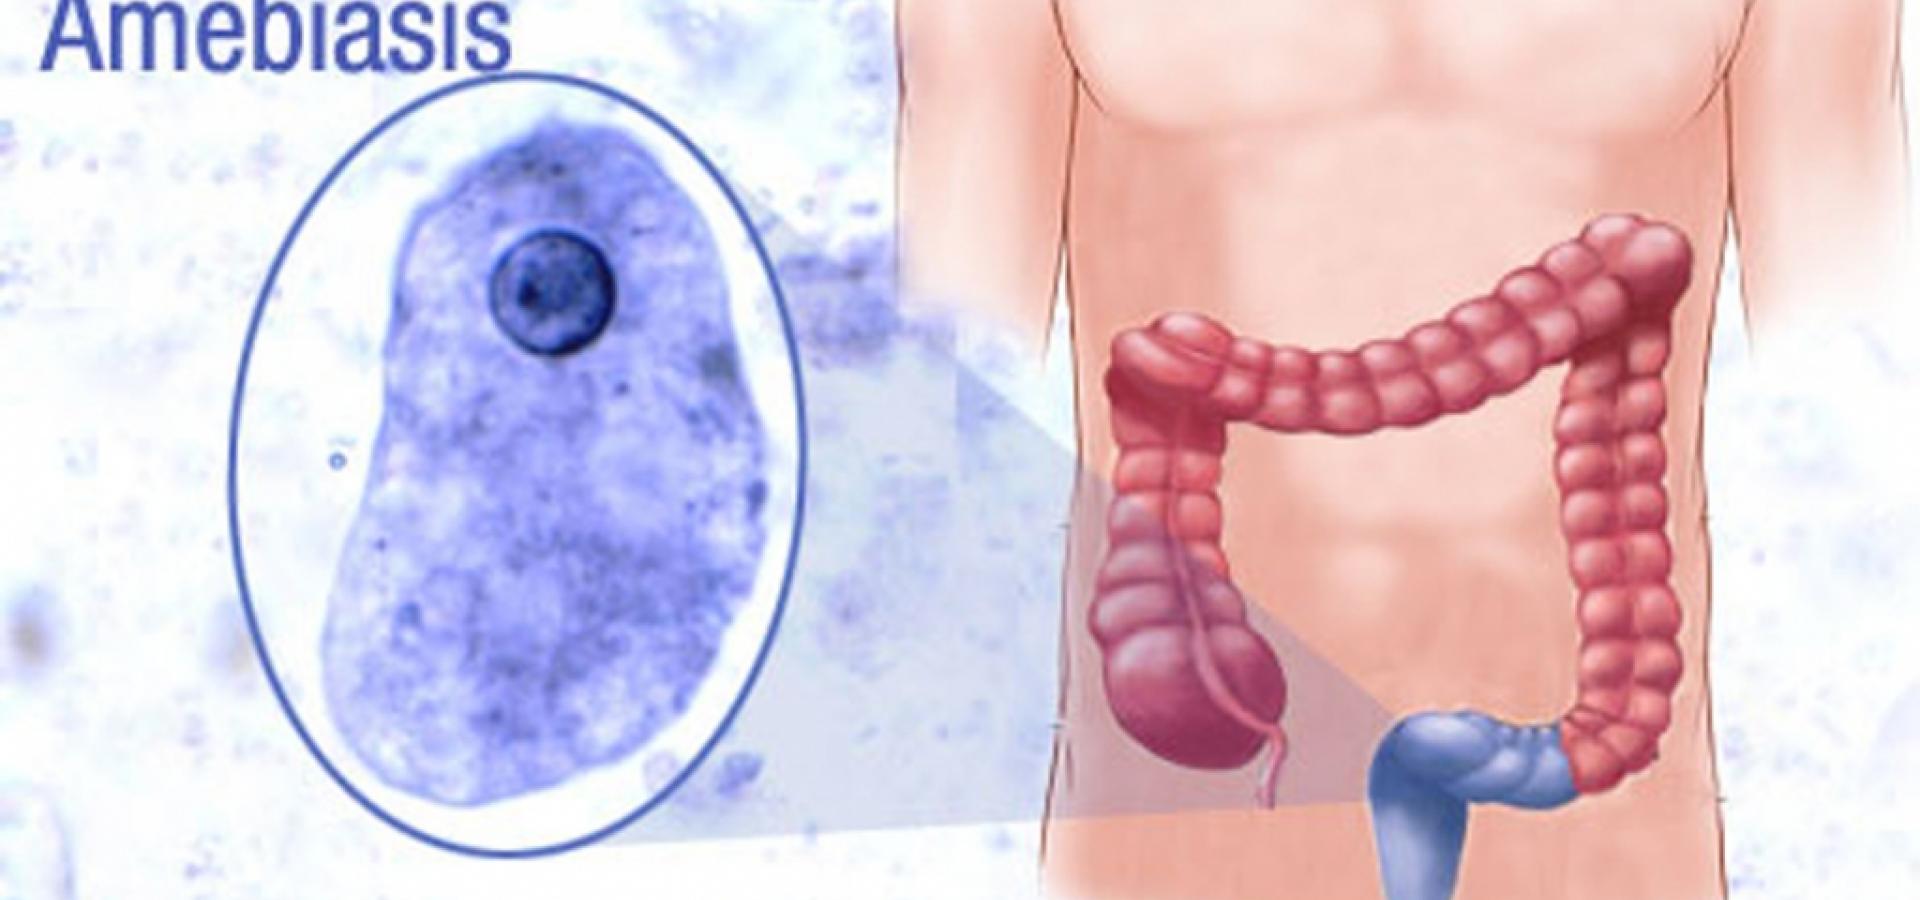 симптомы амебиаза у взрослых